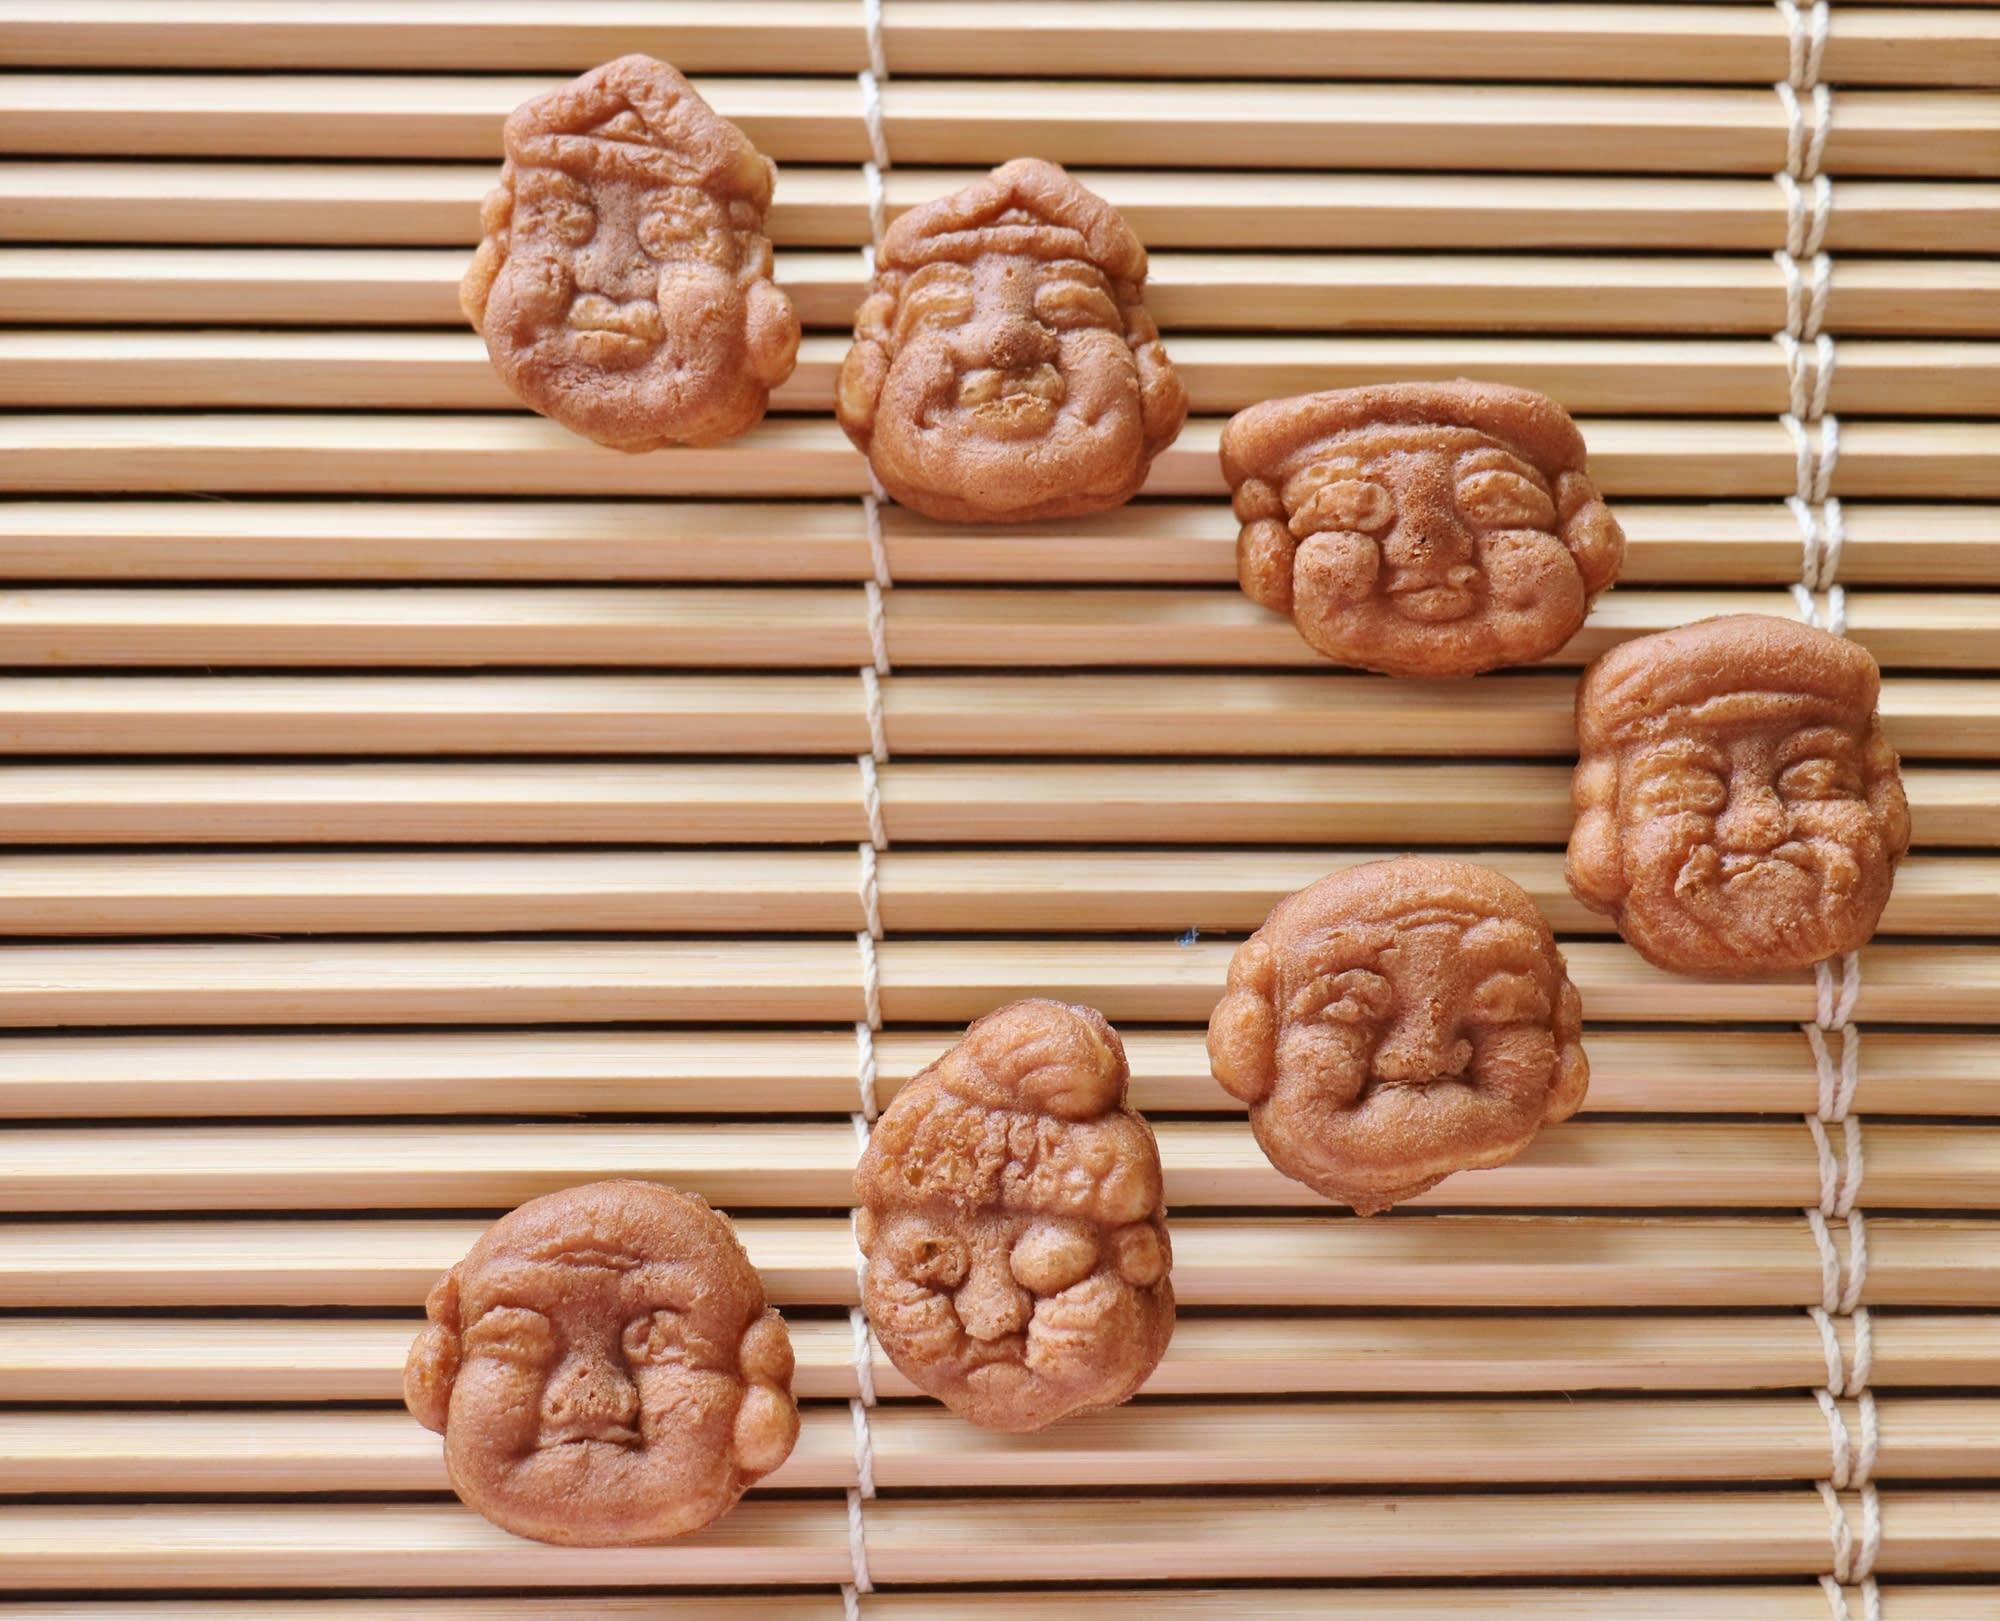 Shigemori's Ningyoyaki